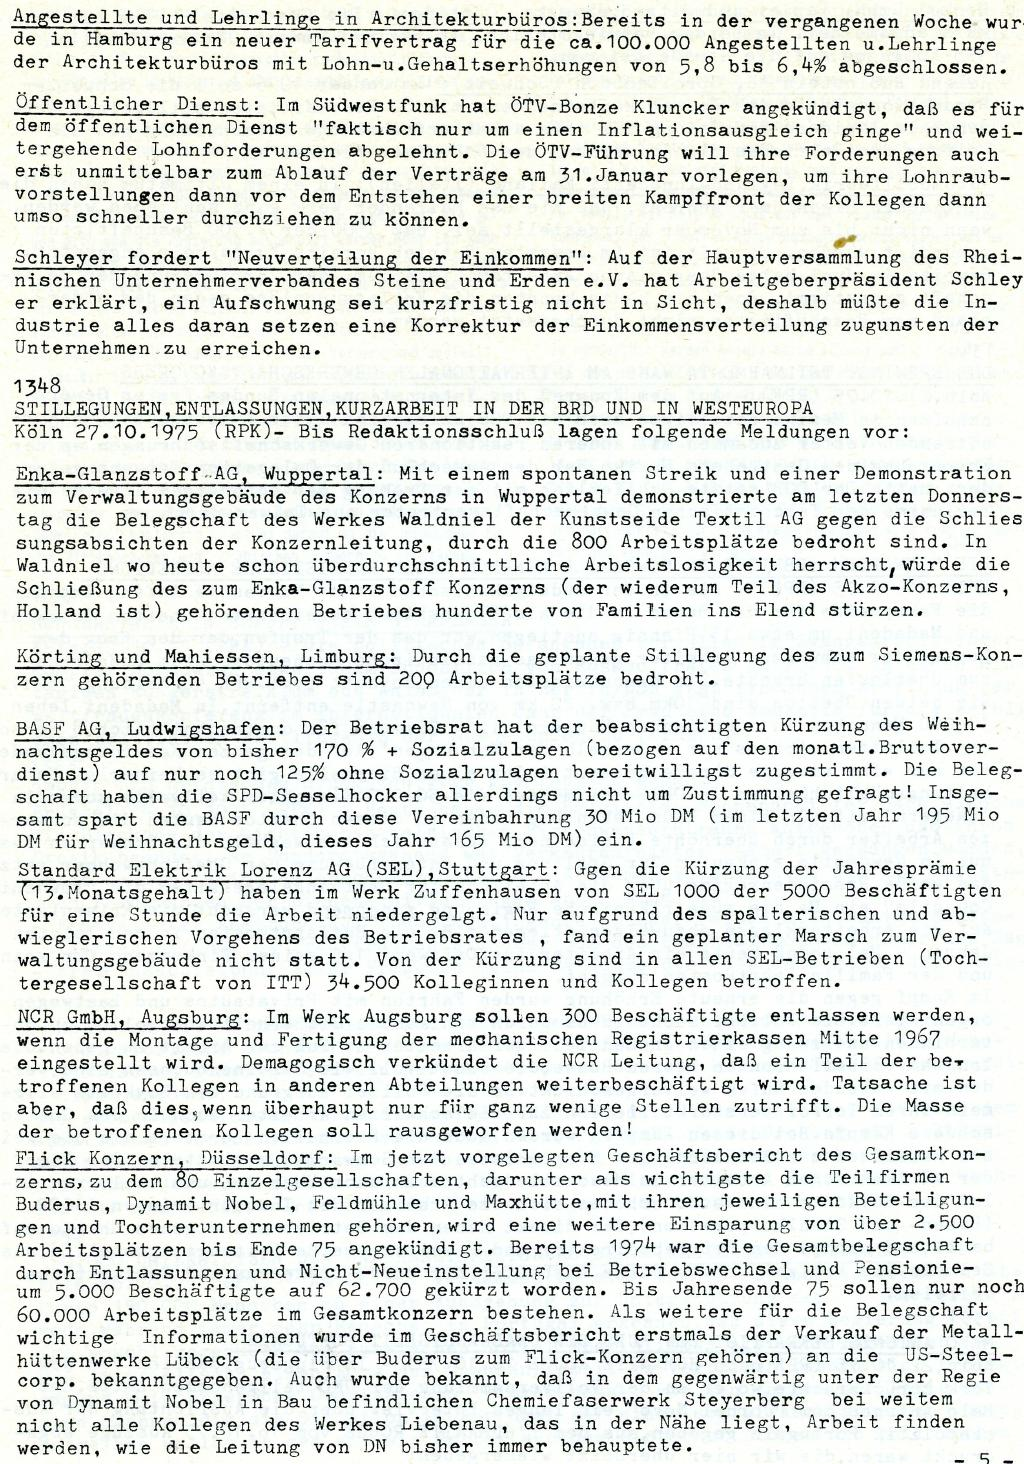 RPK_Pressedienst_1975_49_05